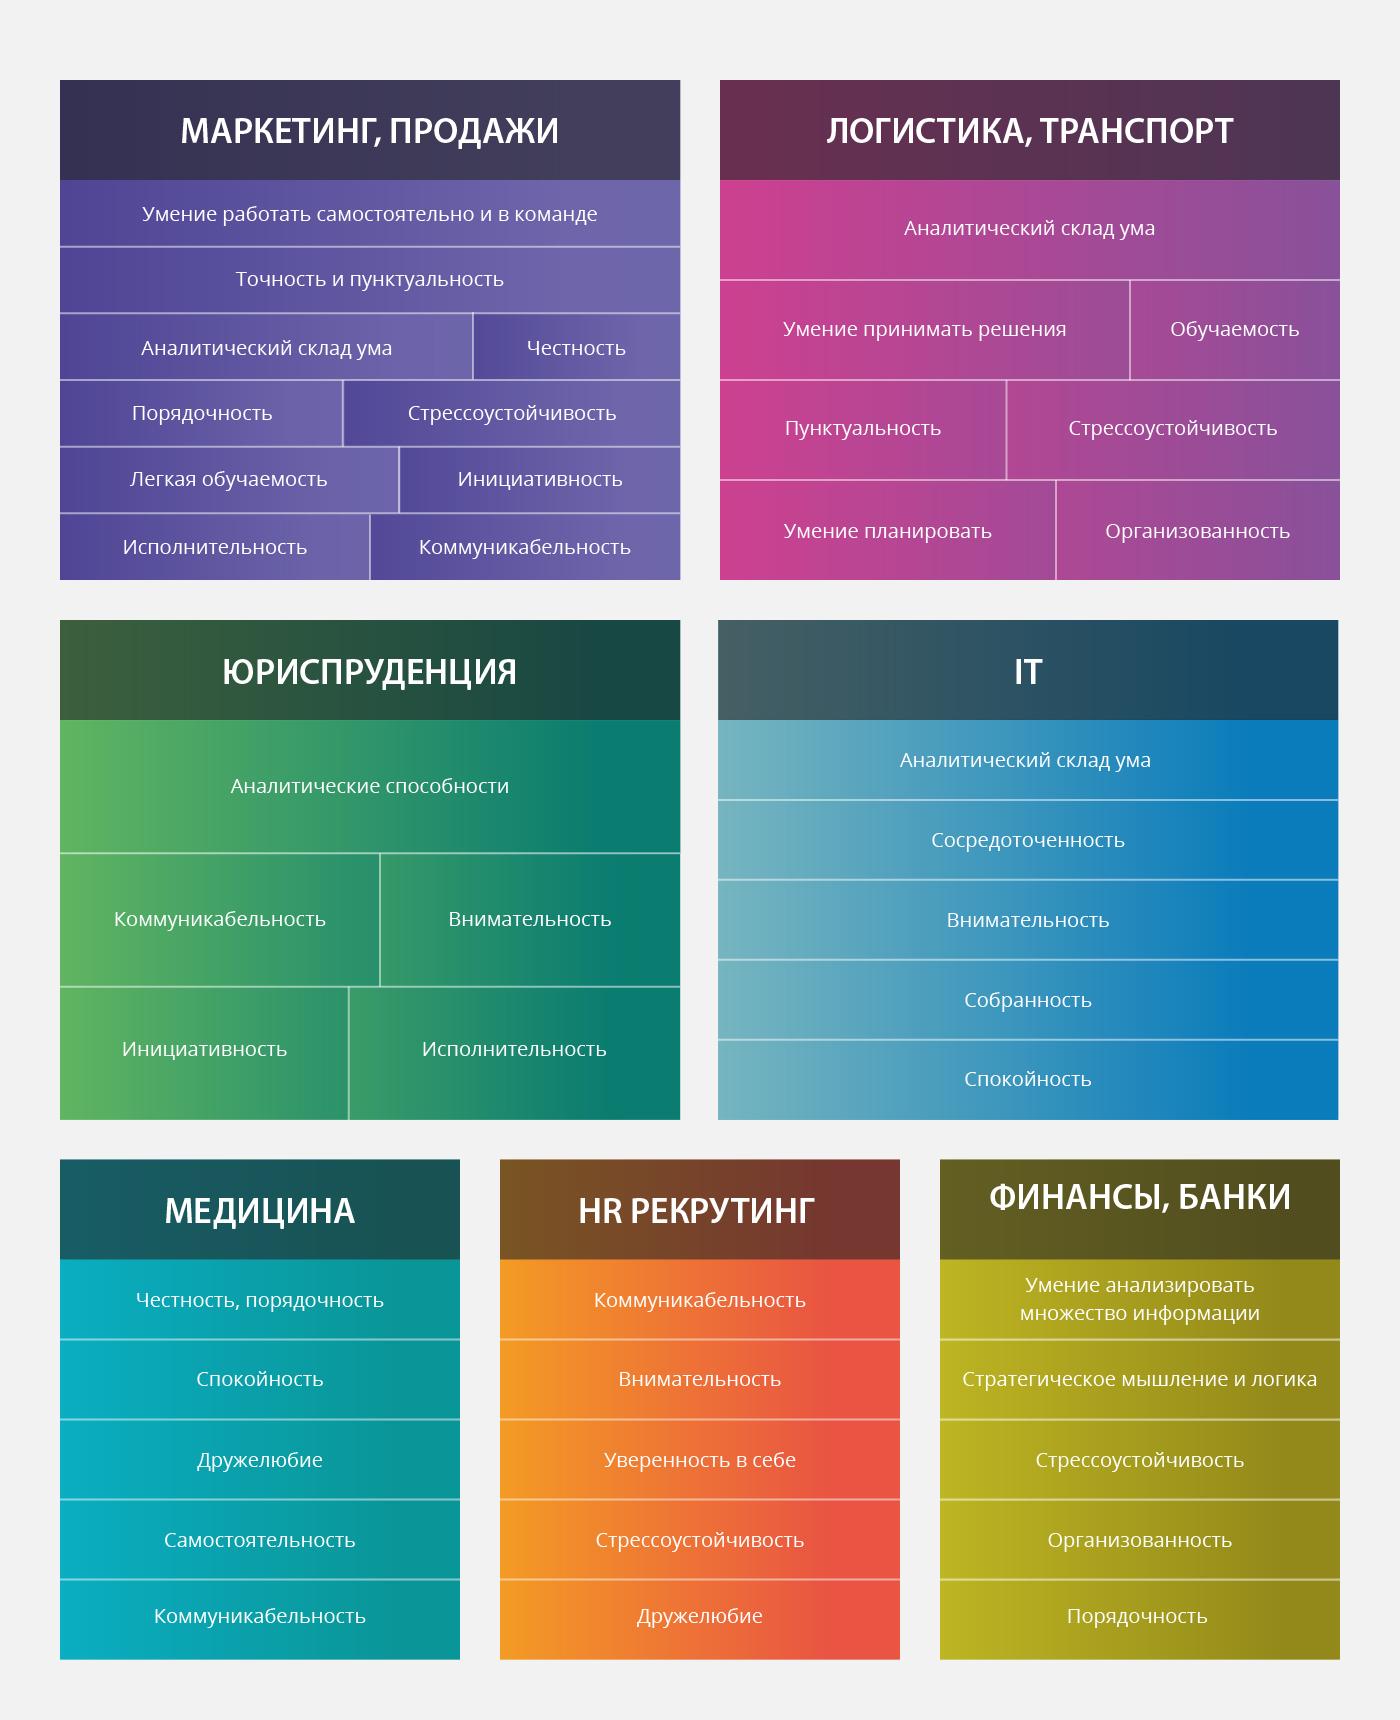 Личные качества для разных профессий